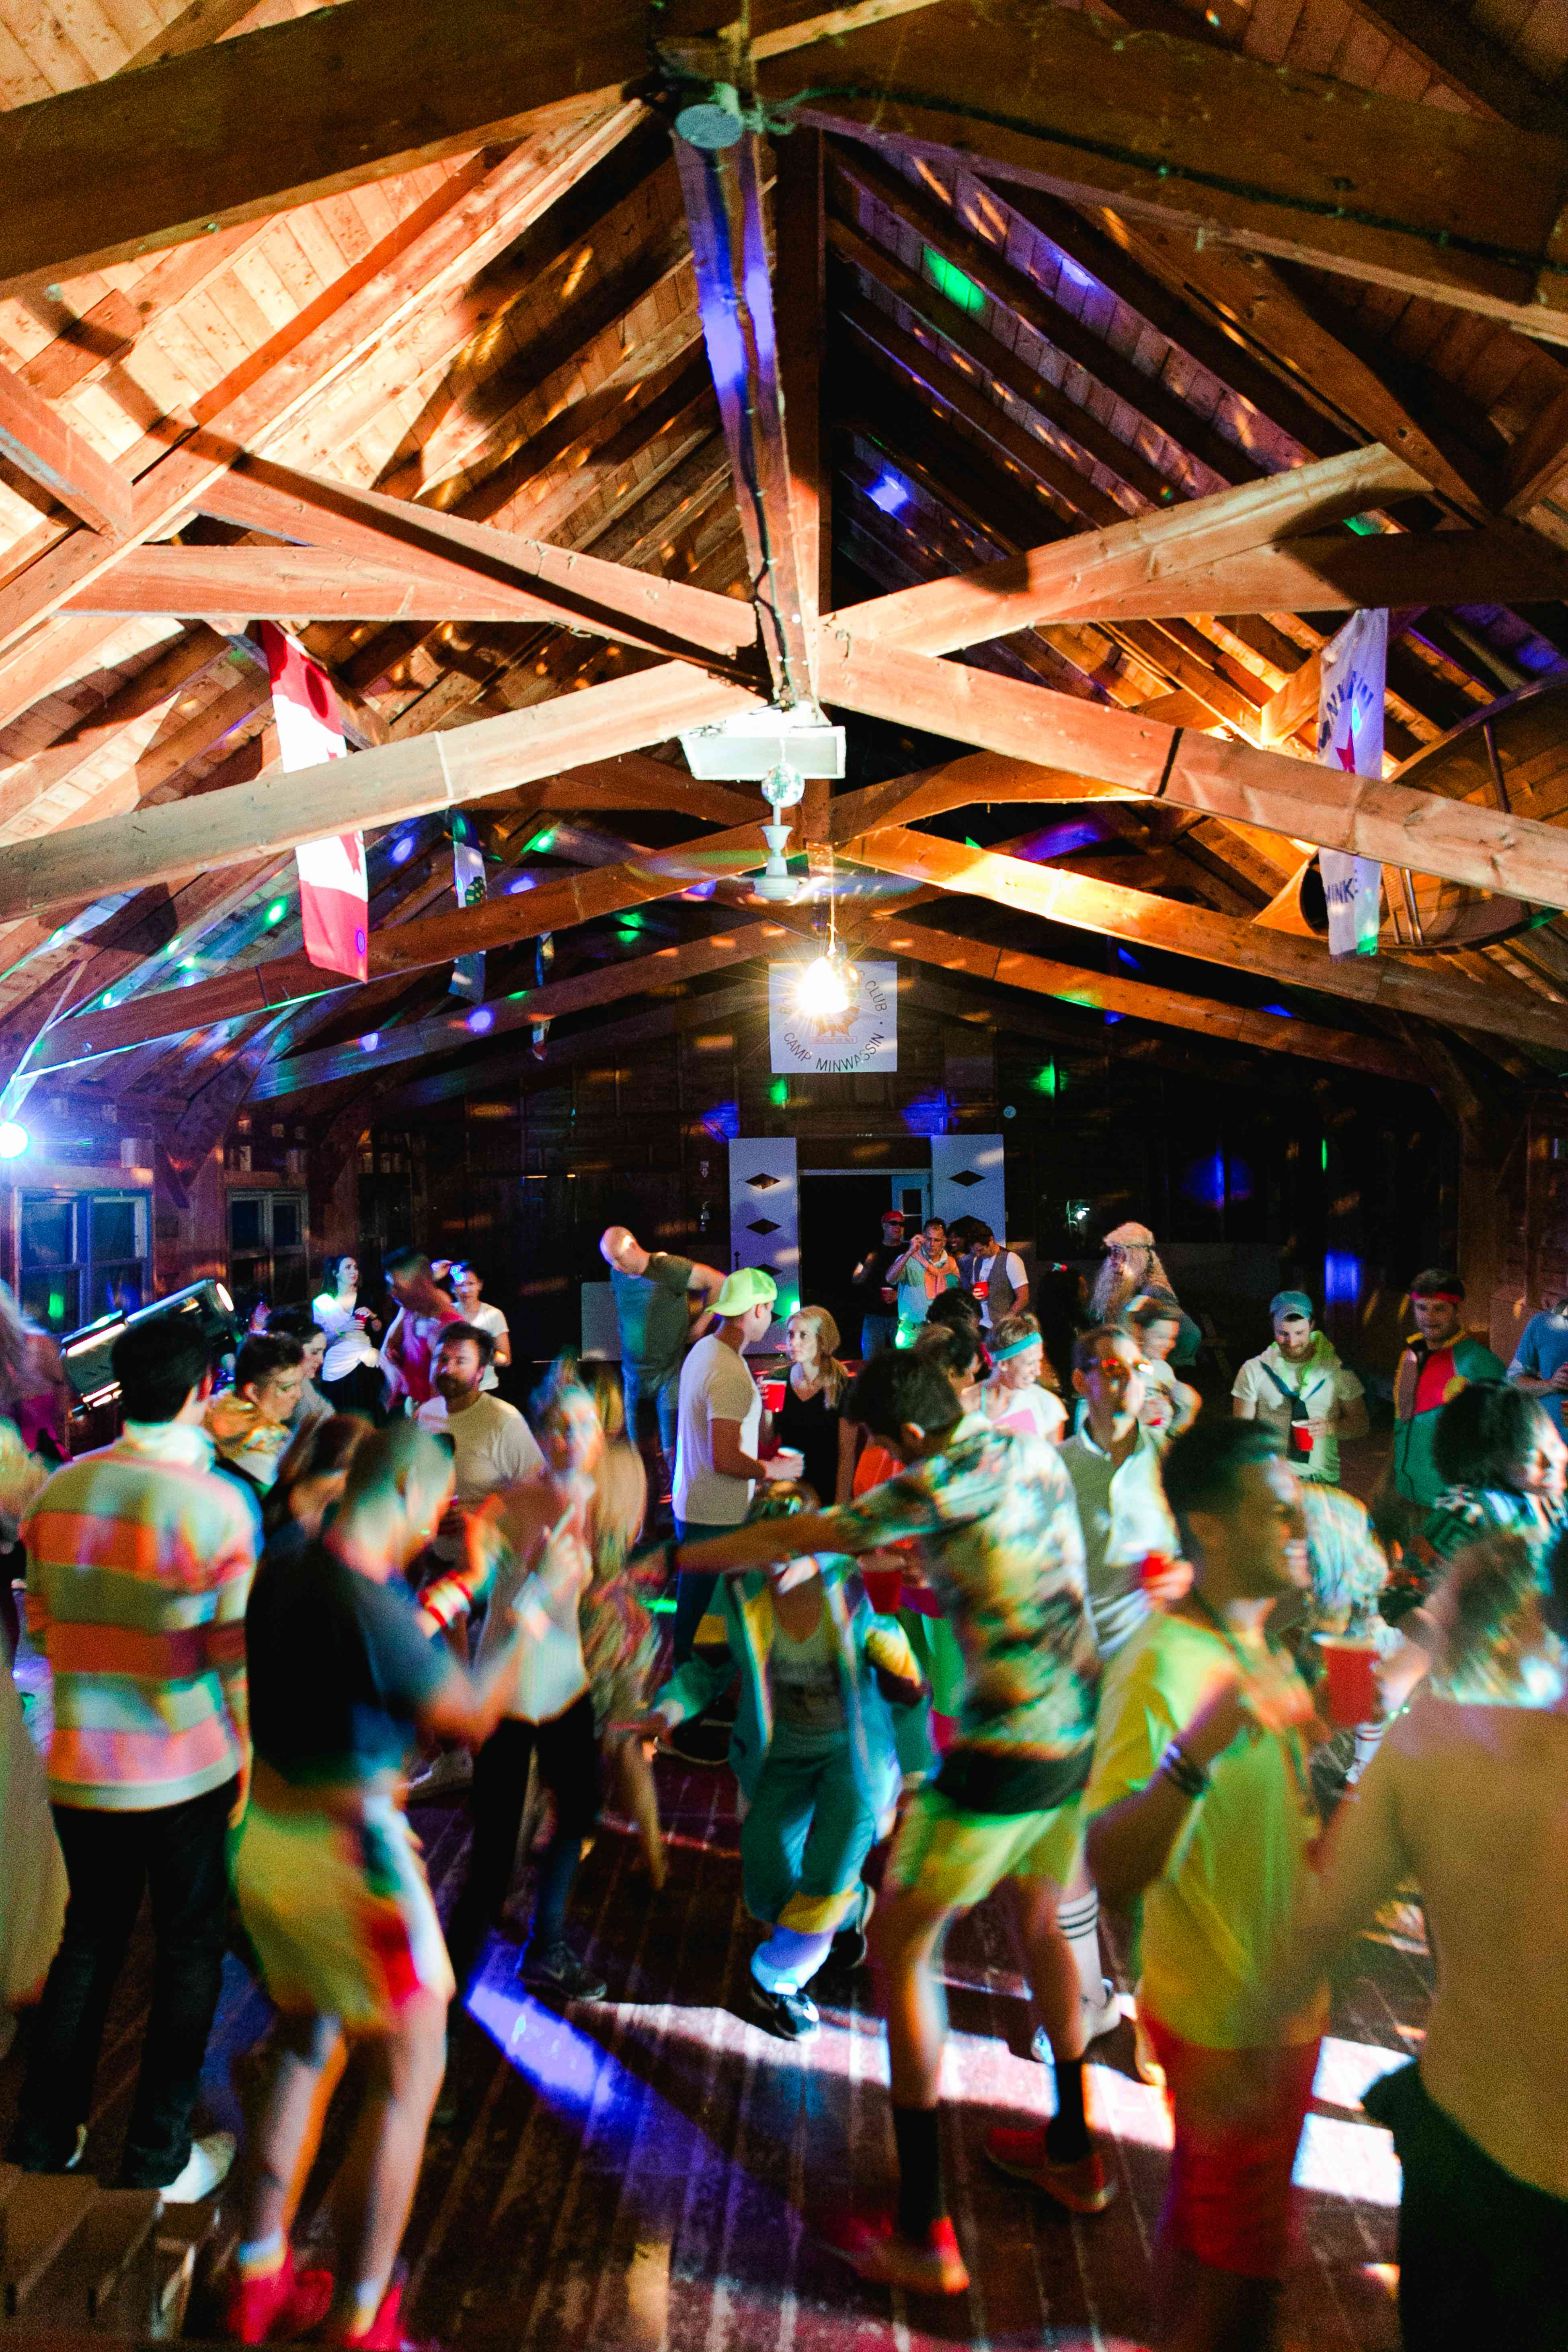 Guests on dance floor